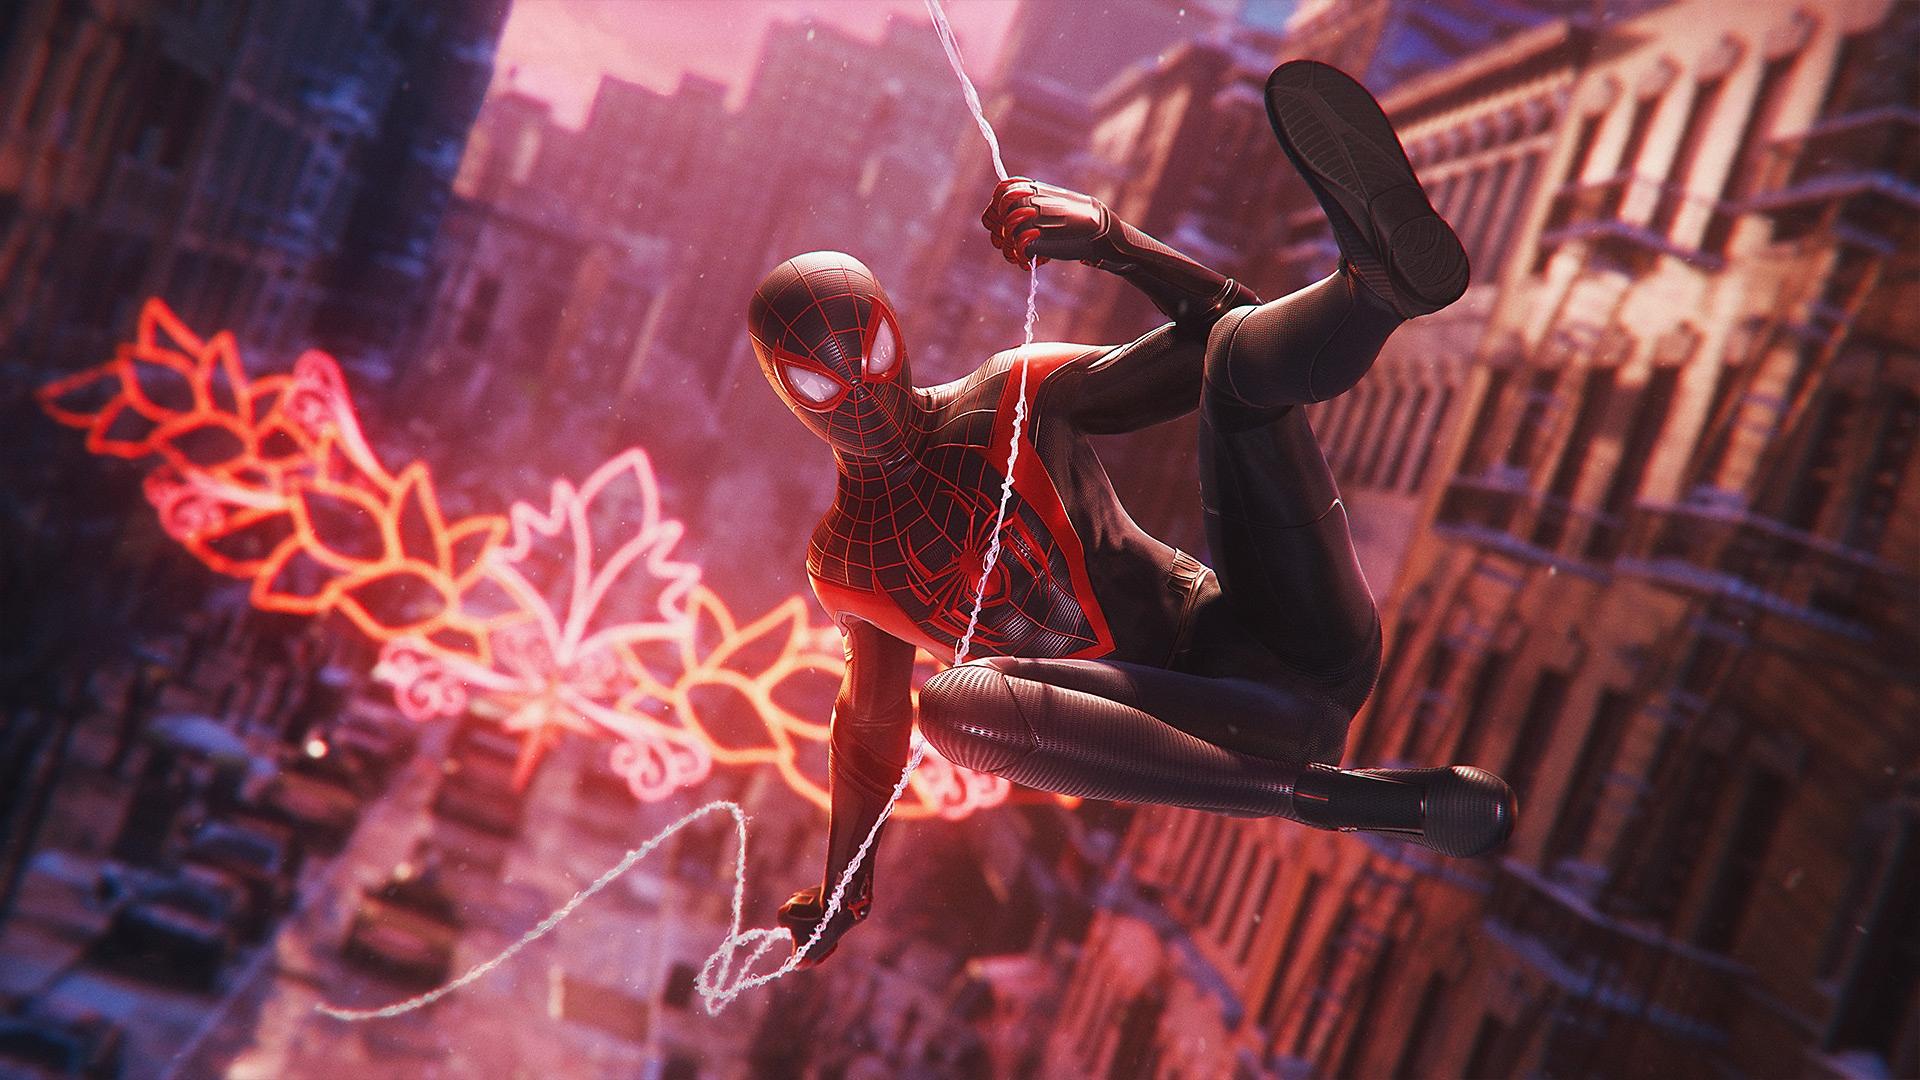 https://gmedia.playstation.com/is/image/SIEPDC/spiderman-miles-morales-screenshot-03-en-12jun20?$native$